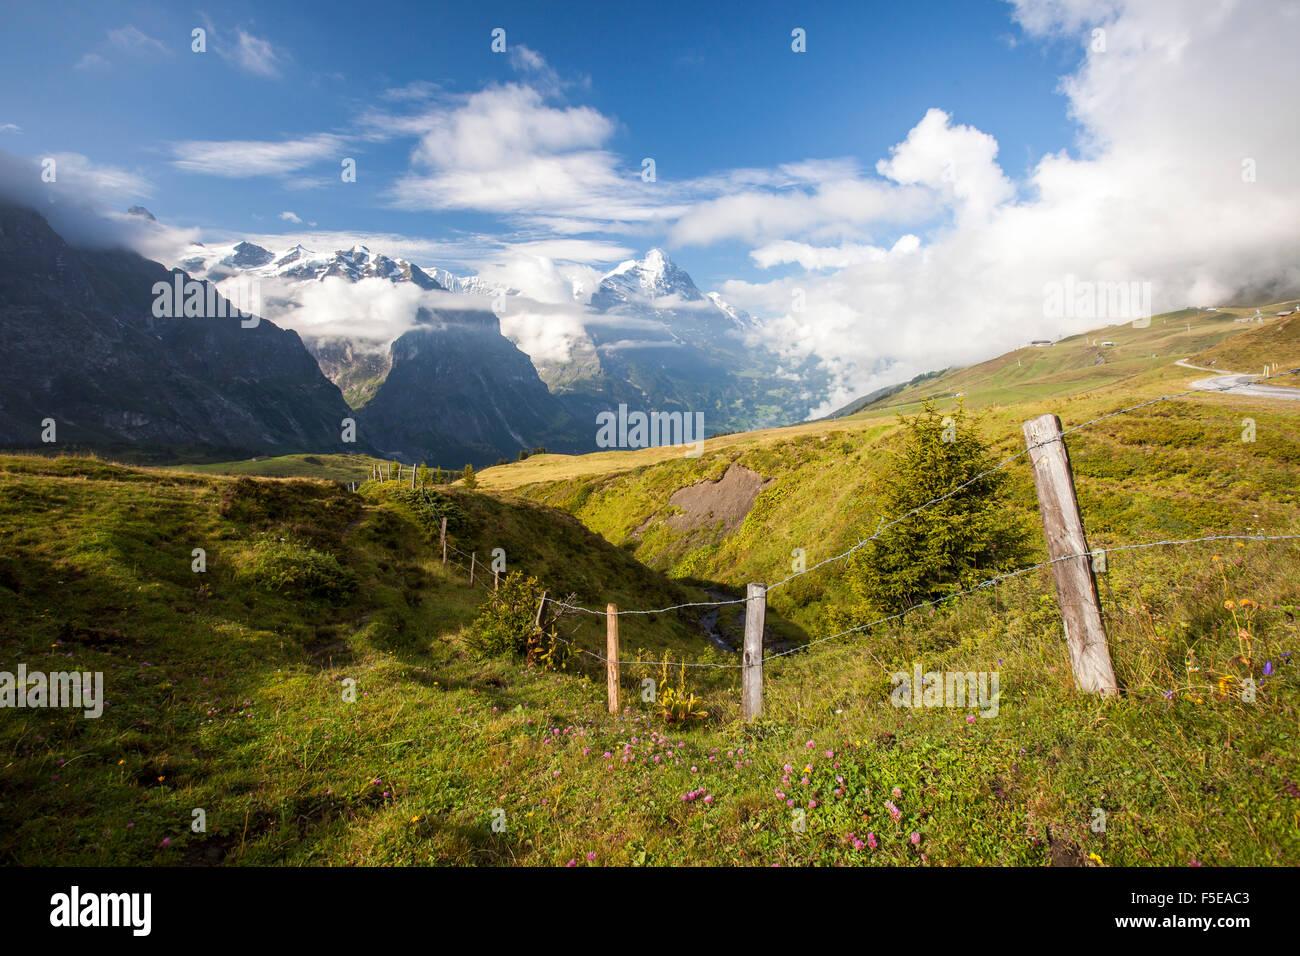 Blick auf Mount Eiger von First, Grindelwald, Berner Oberland, Kanton Bern, Schweizer Alpen, Schweiz, Europa Stockbild